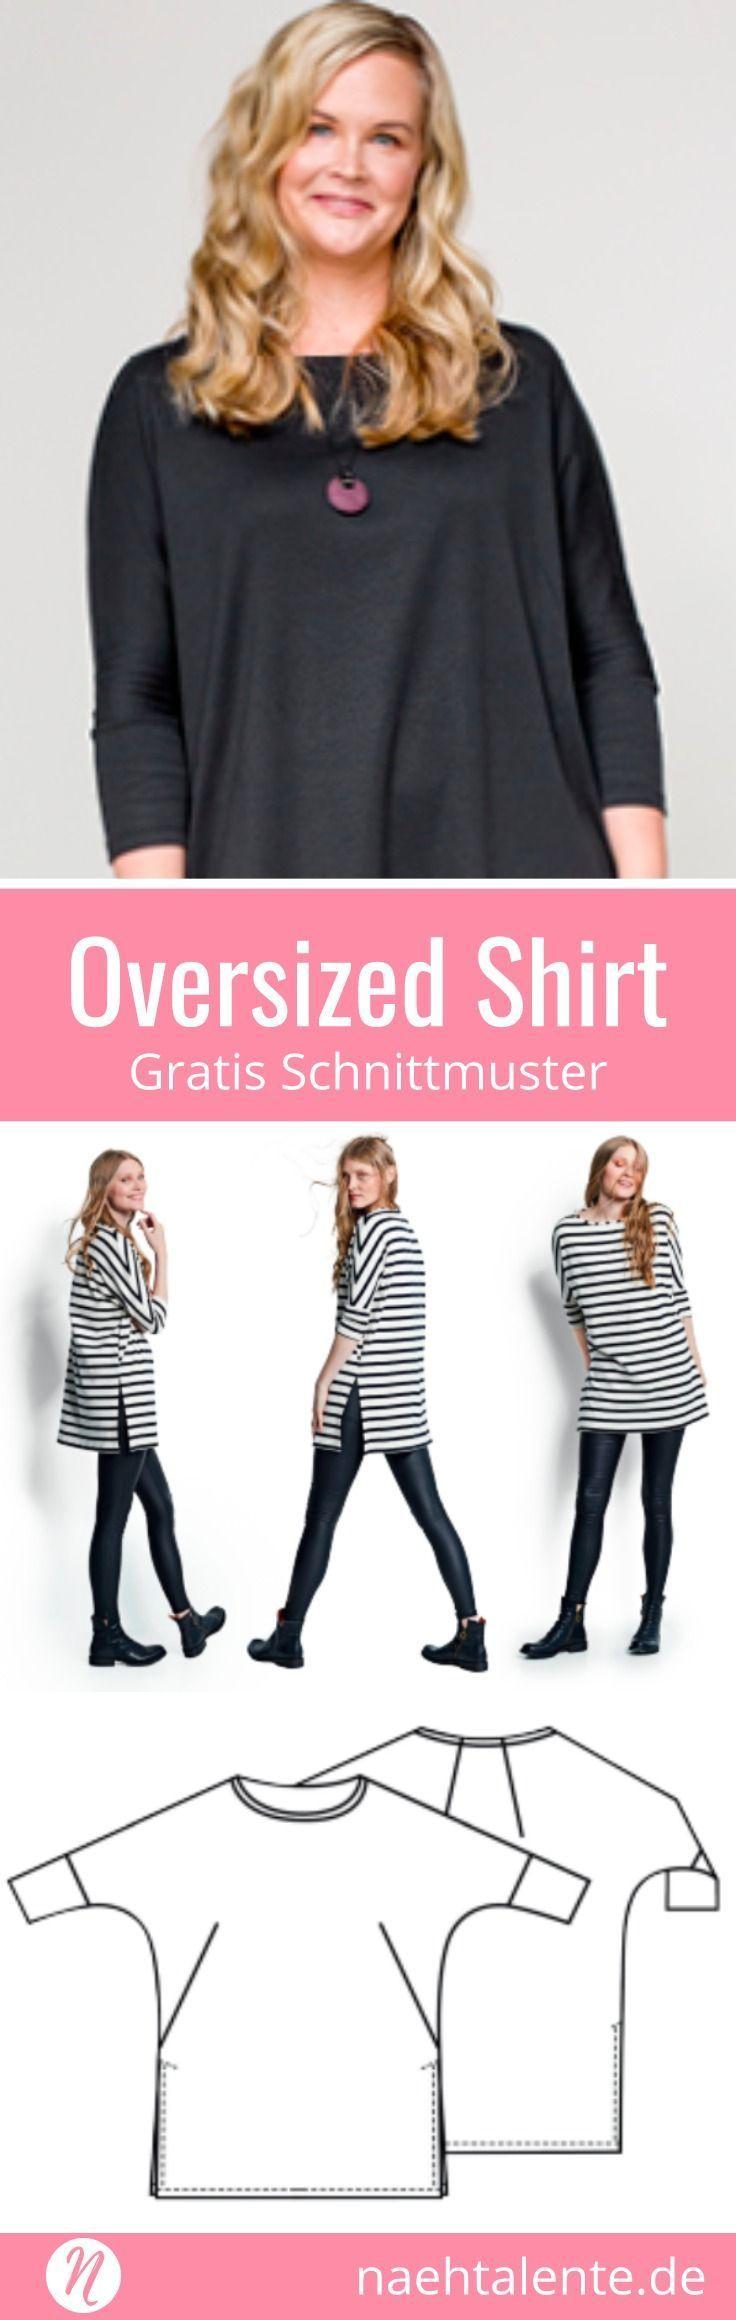 Oversized Shirt für Damen – Meterlimit – Nähen mit Limit